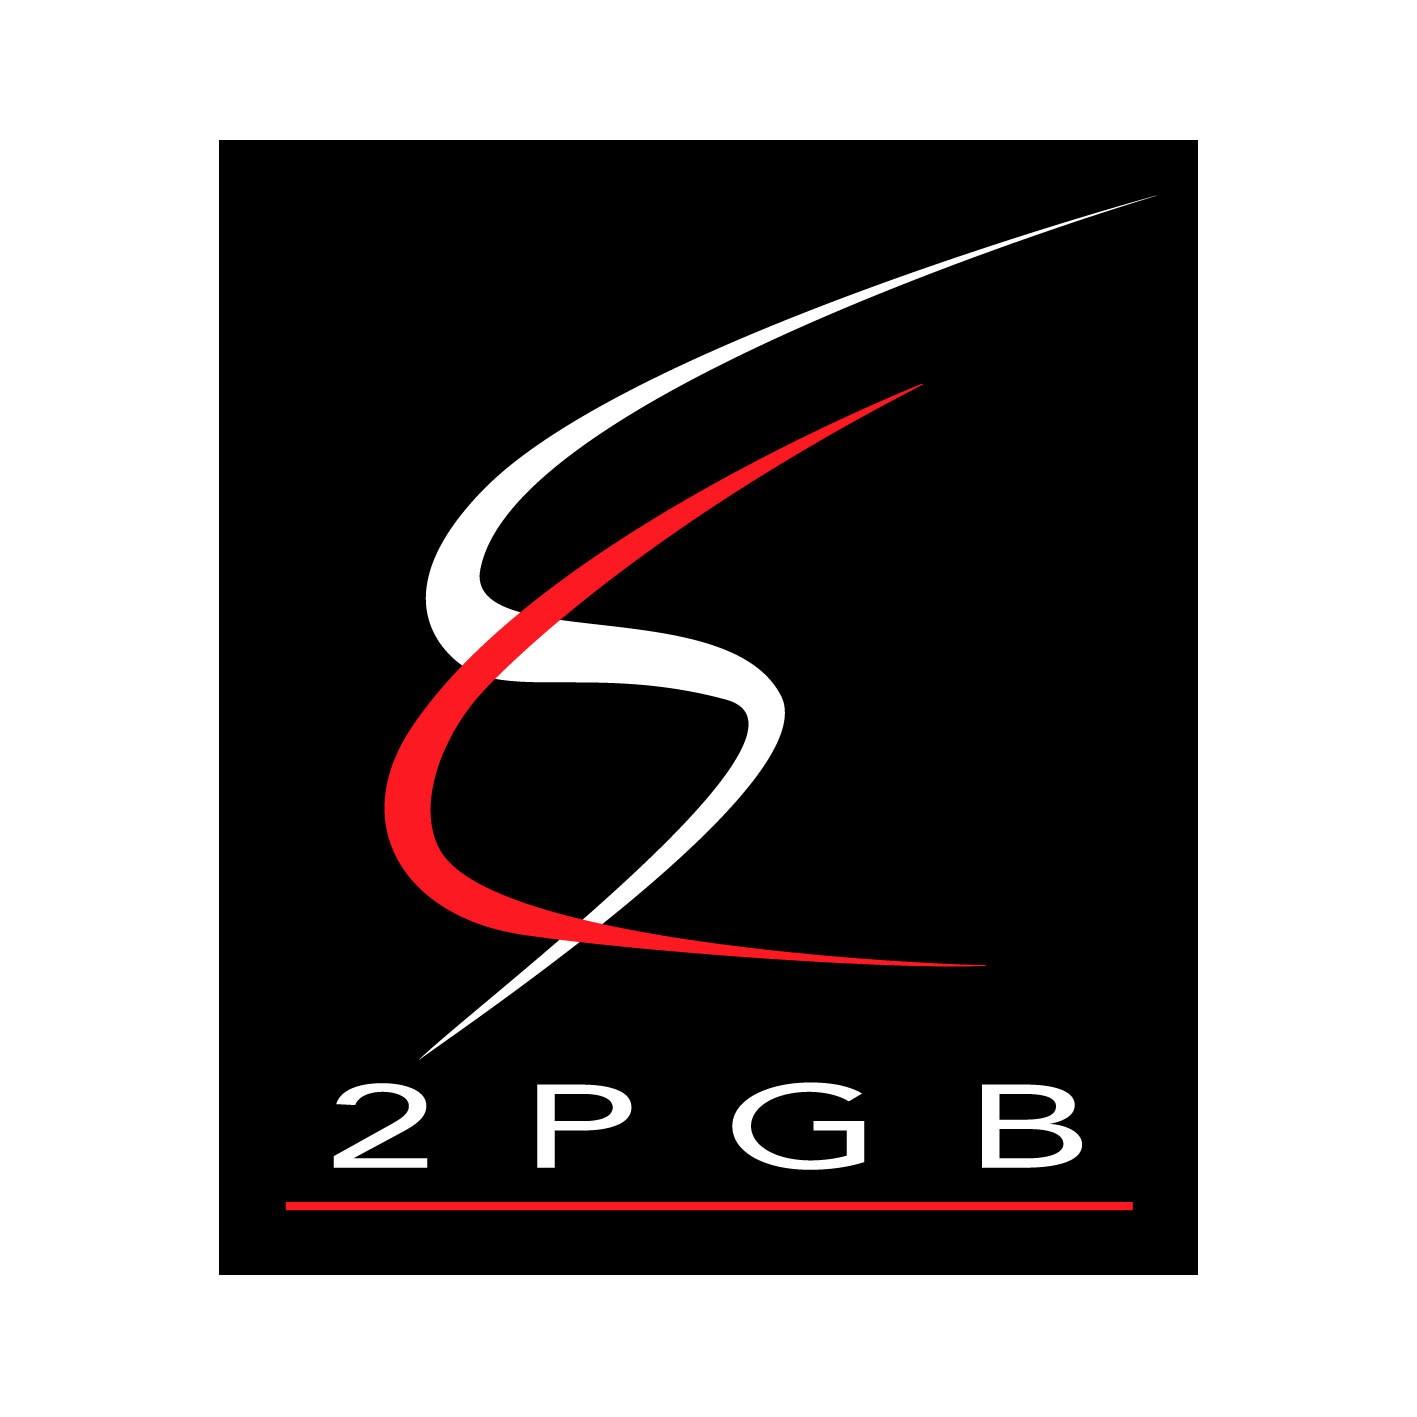 2.P.G.B